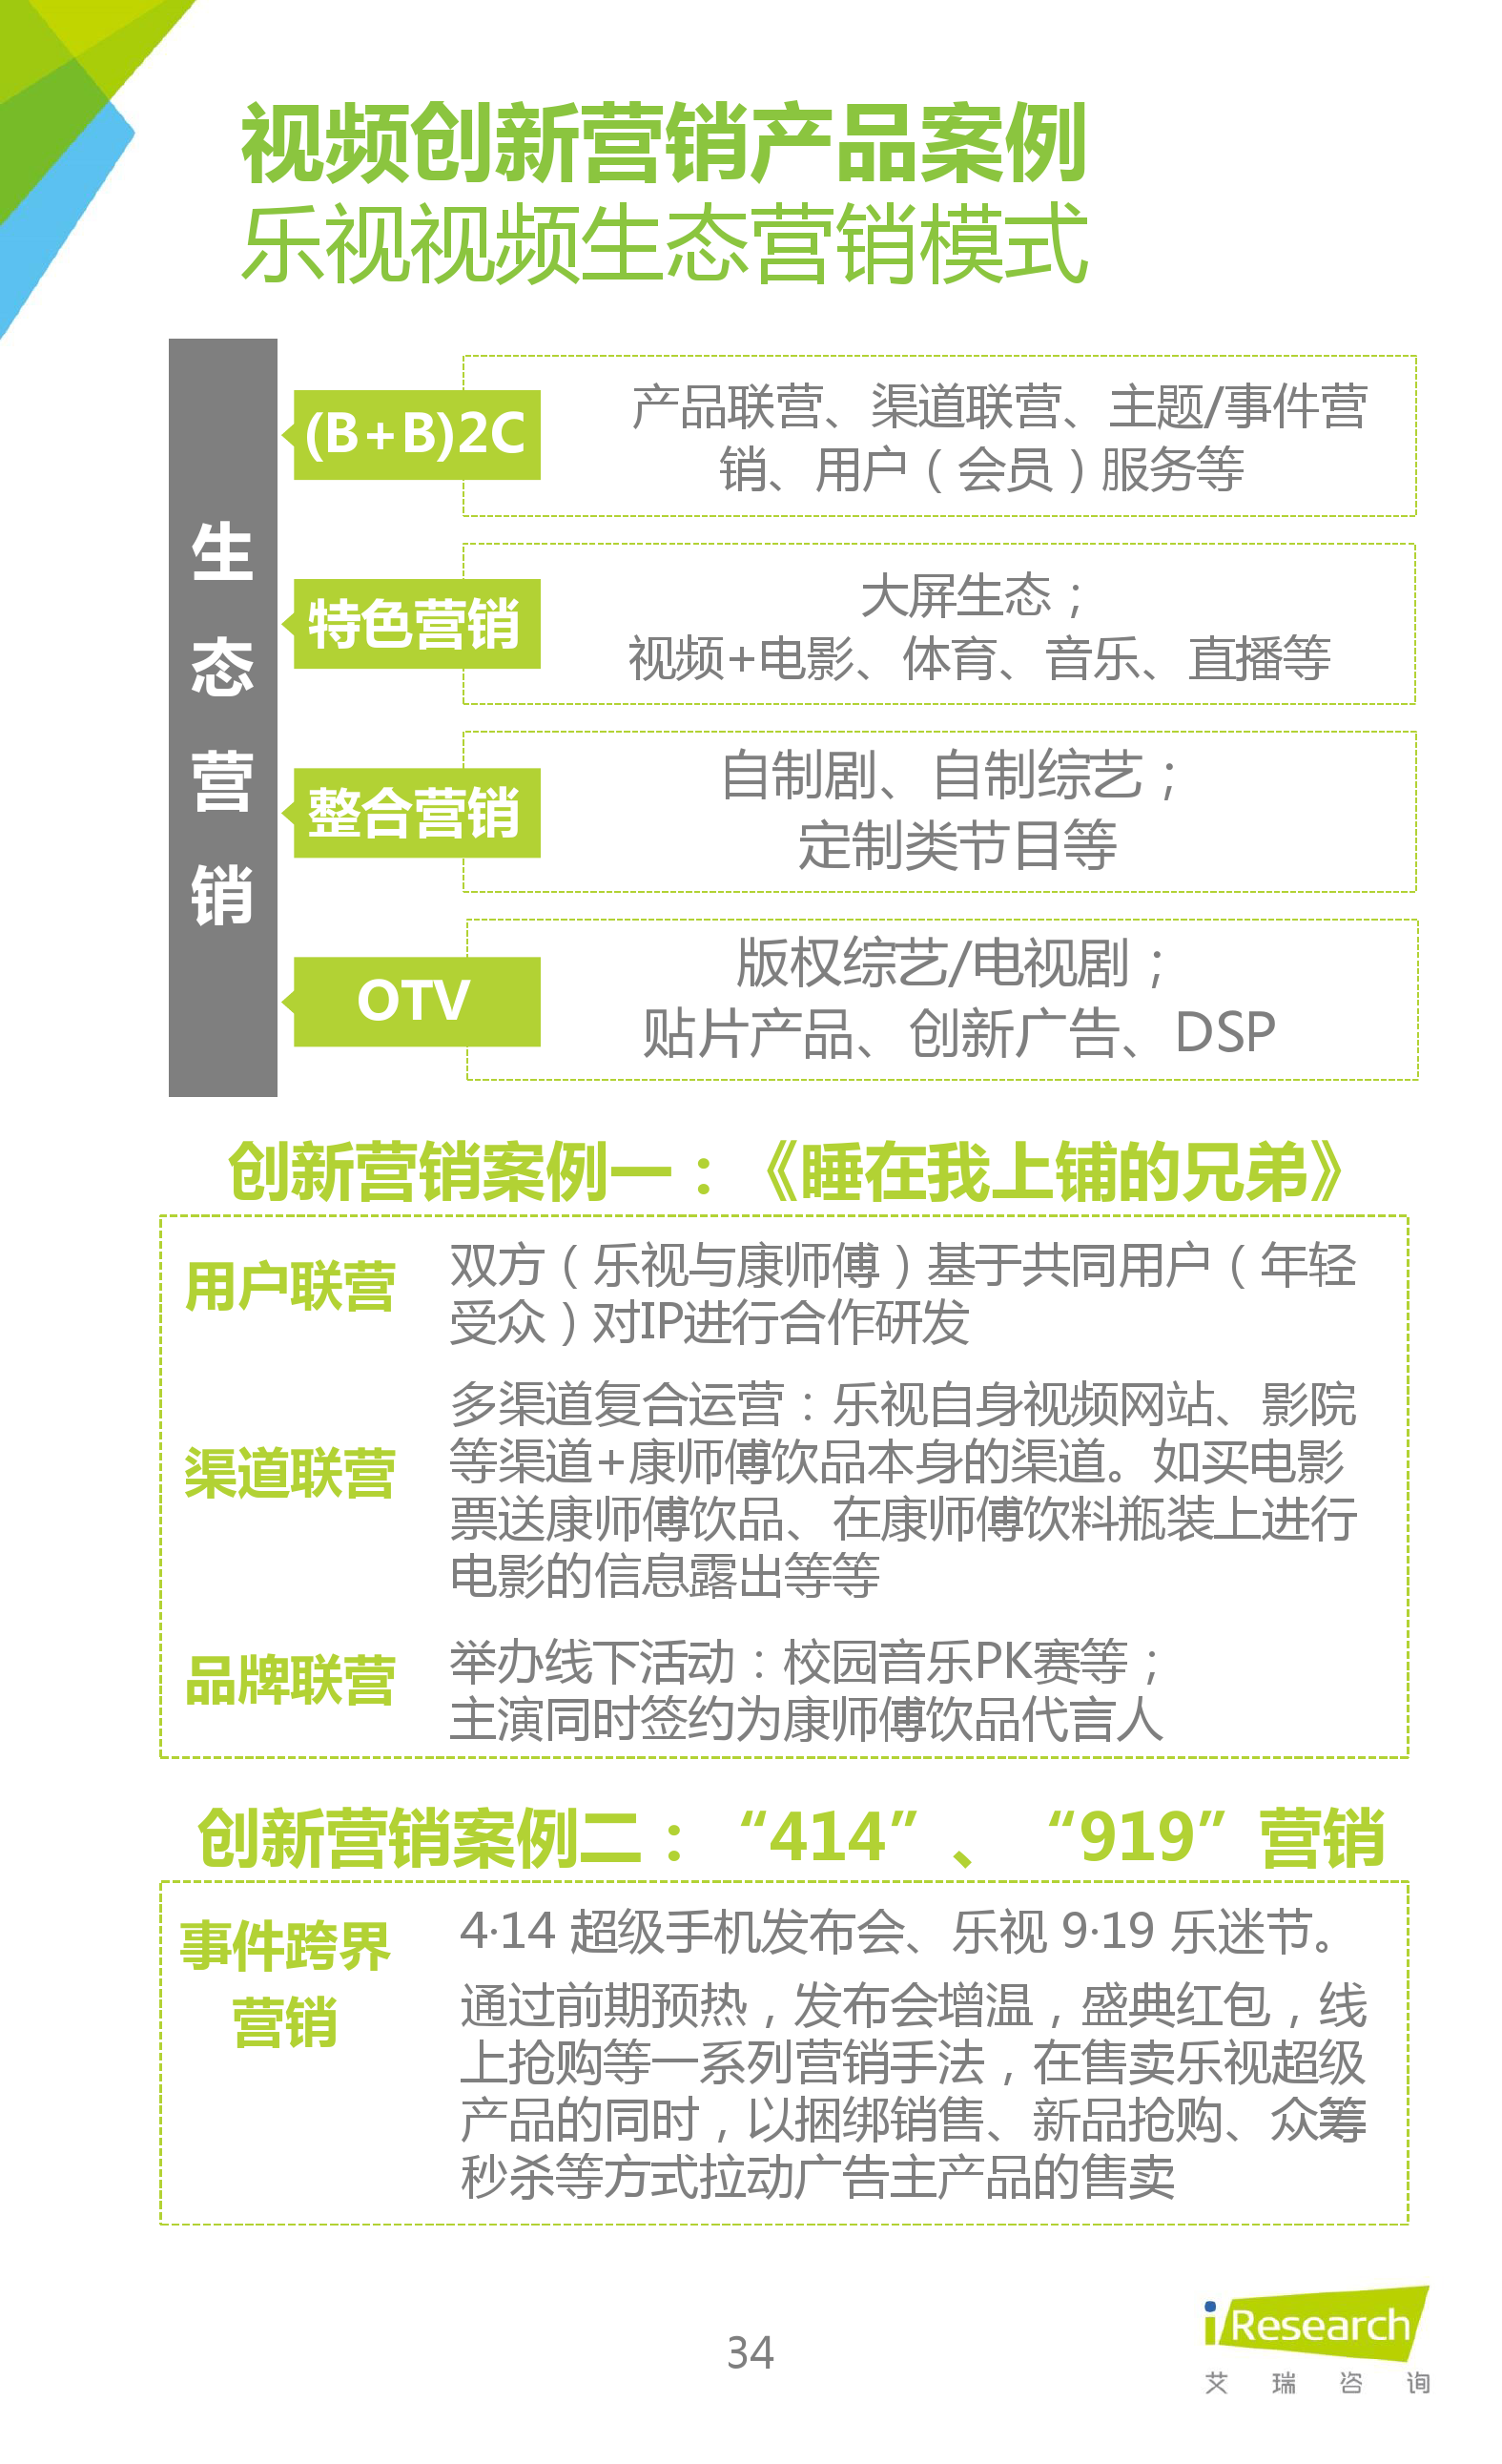 2016年中国在线视频企业创新营销研究_000034